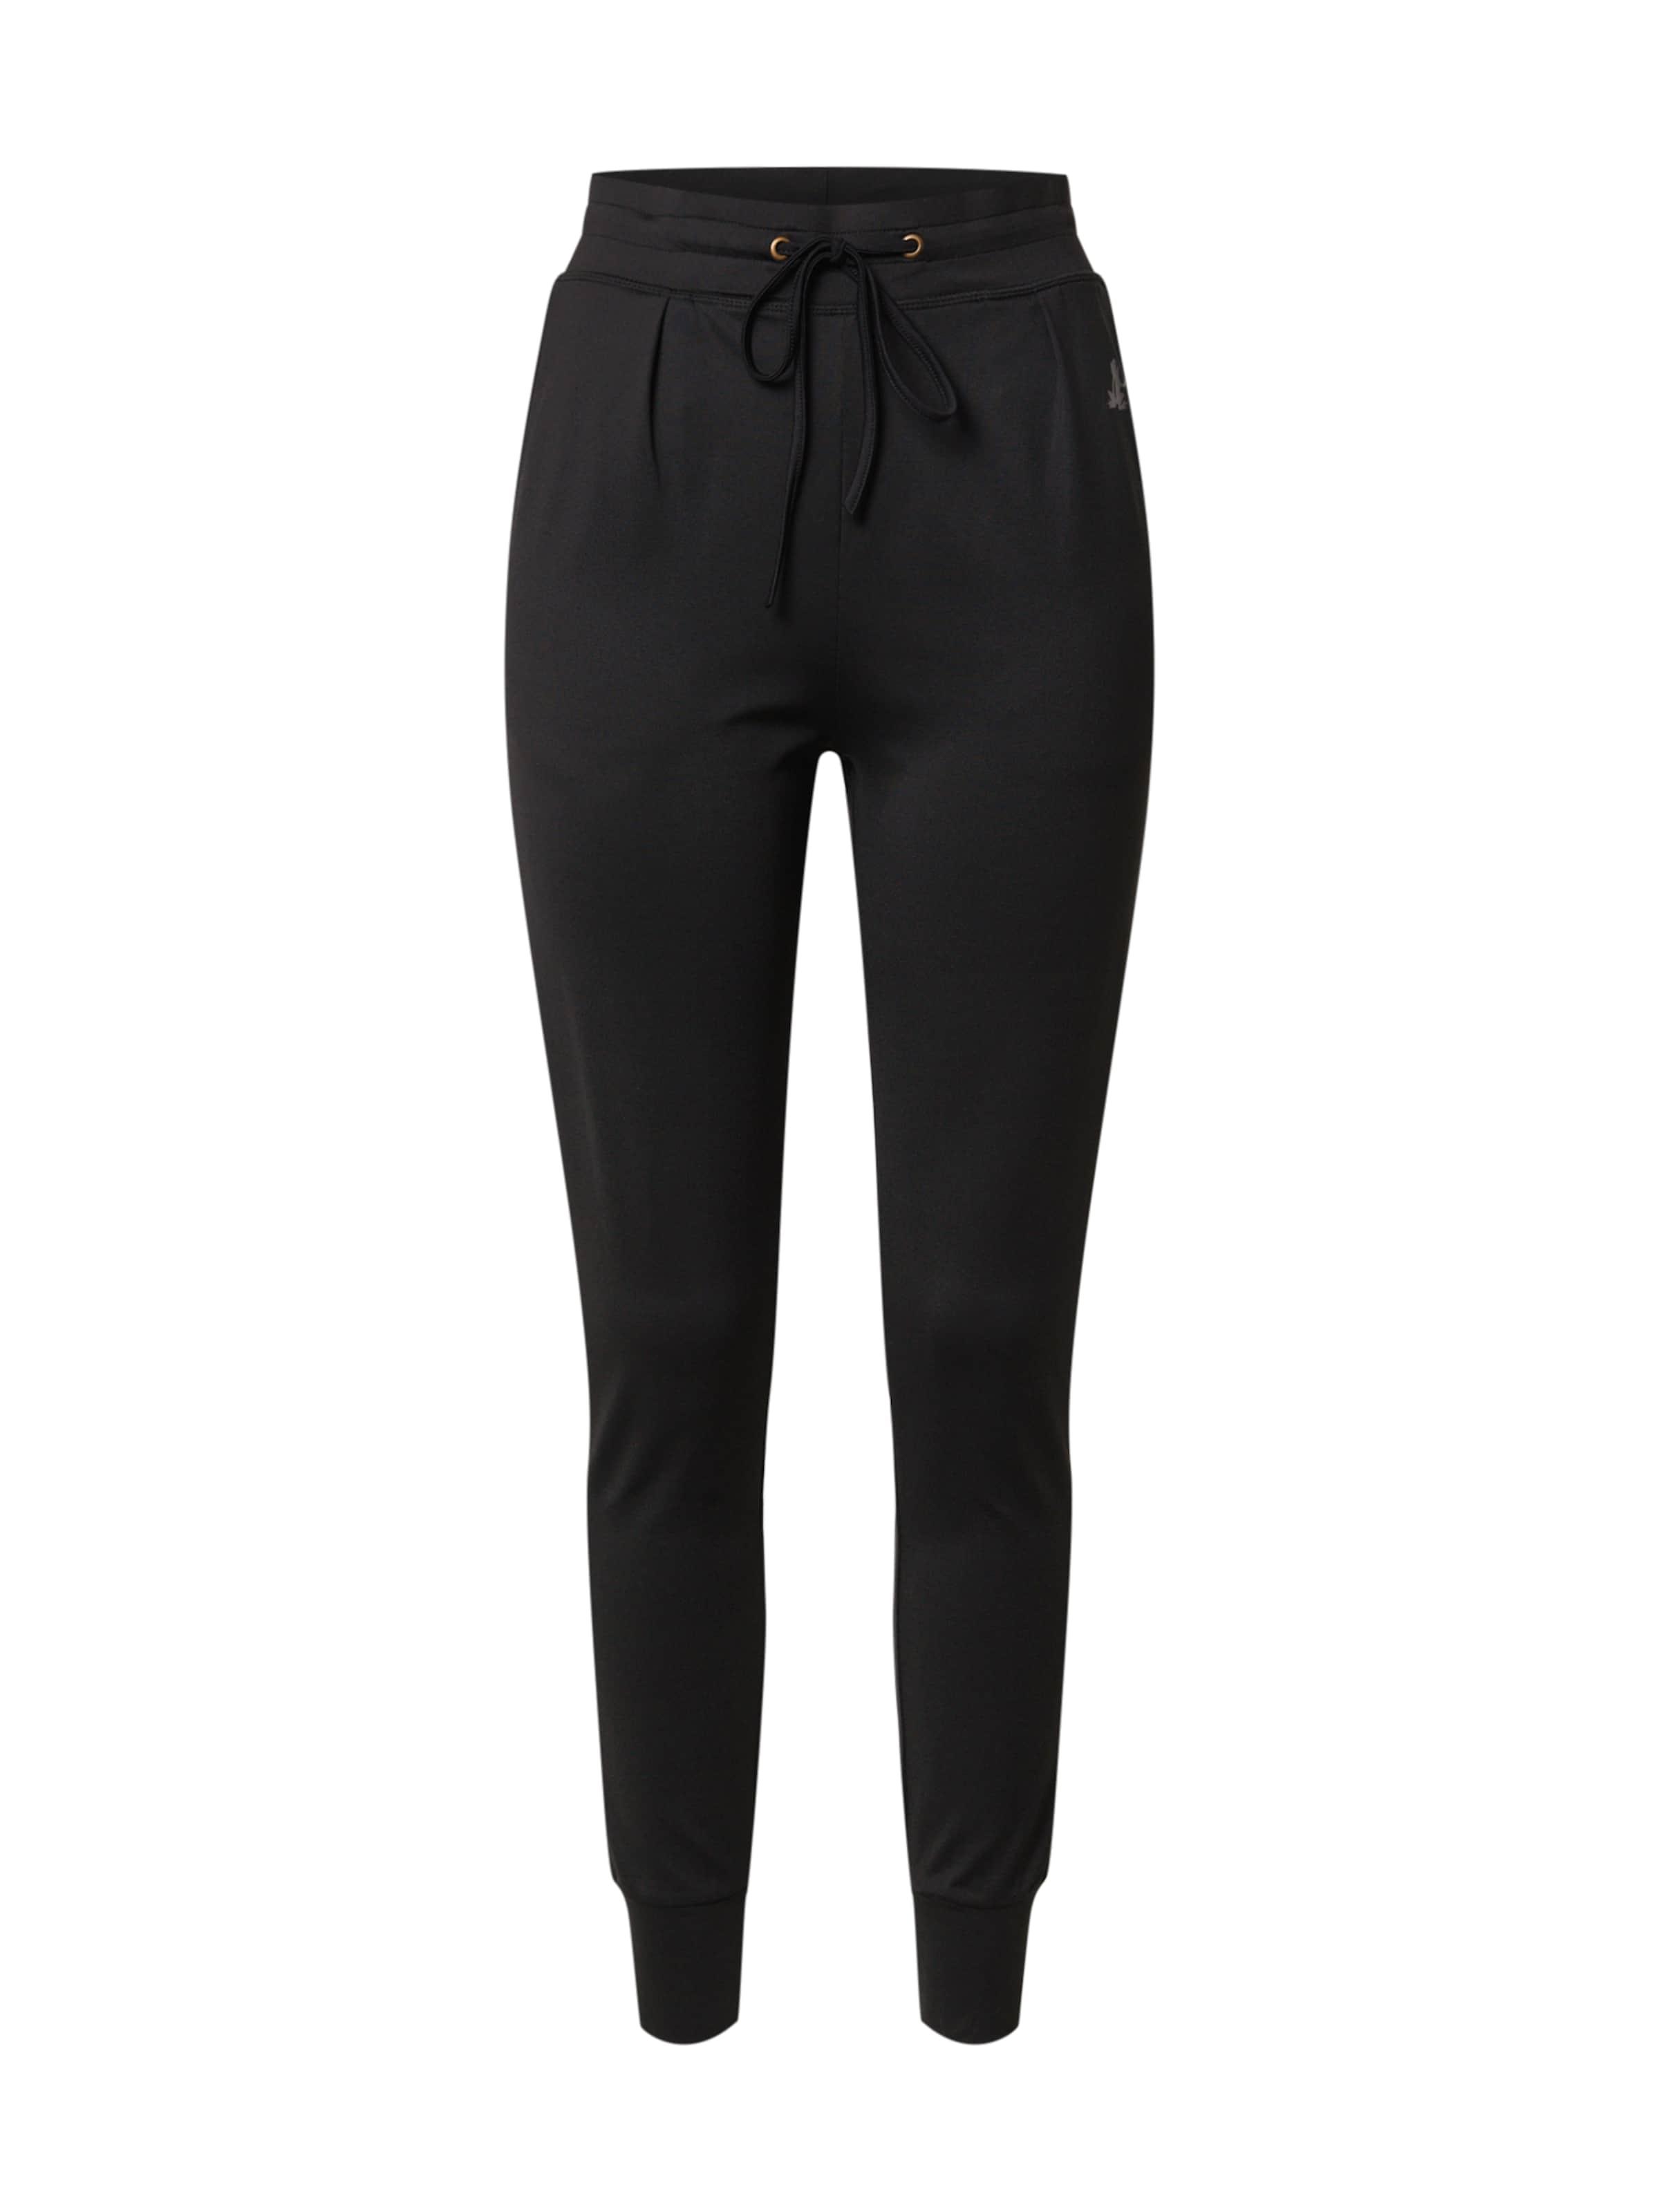 CURARE Yogawear Sportbyxa i svart